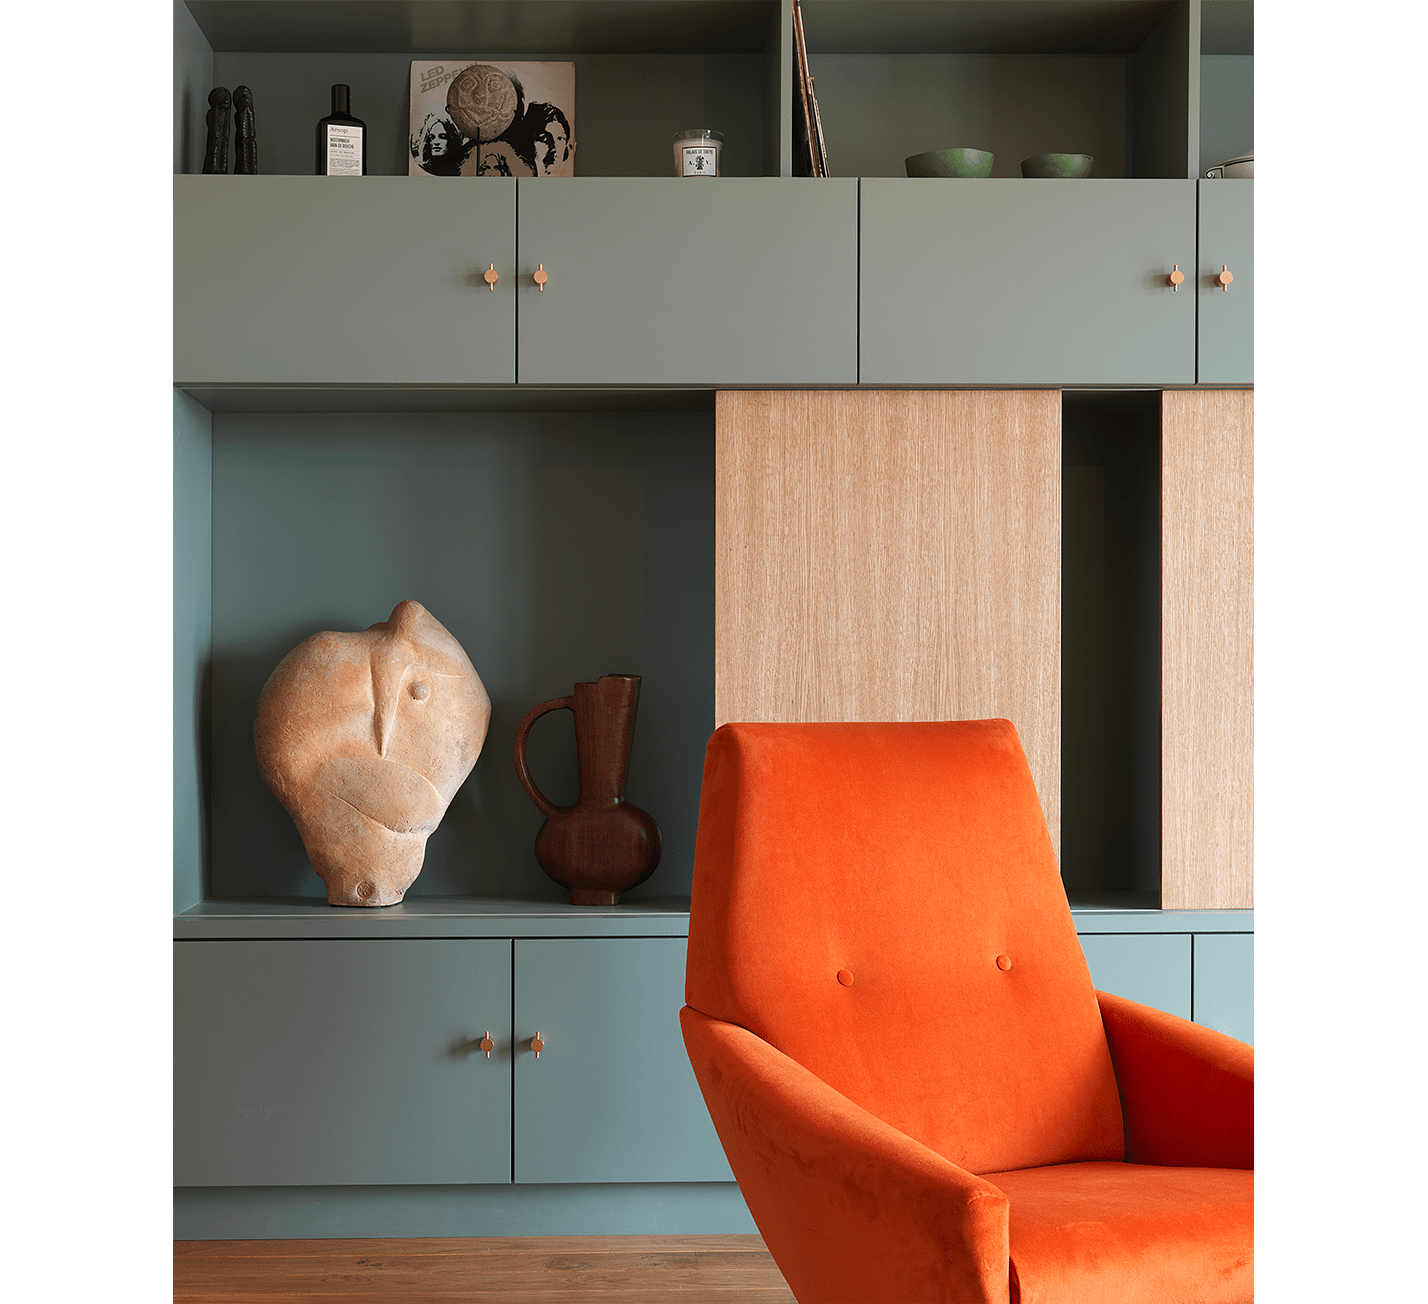 Projet-Est-Atelier-Steve-Pauline-Borgia-Architecture-interieur-04-min